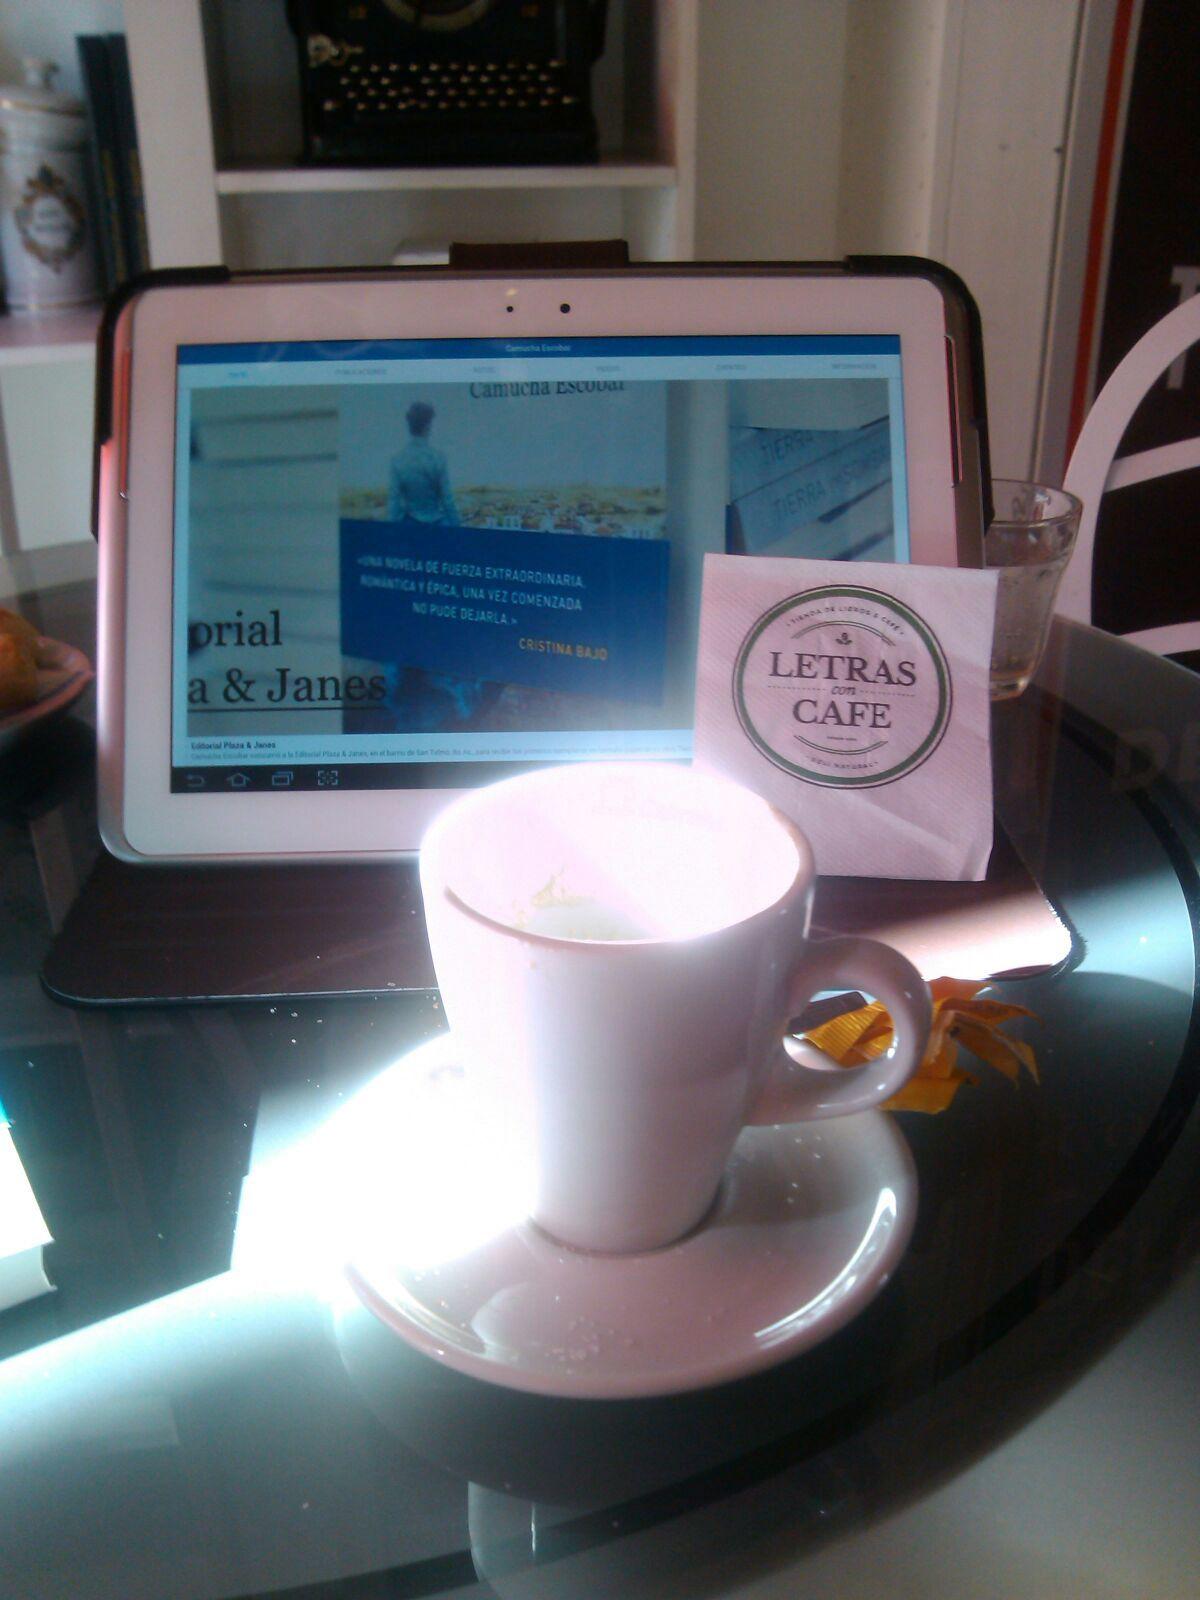 Cafecito en Letras con Café y lectura del Sitio Web de Camucha http://www.camuchaescobar.com.ar/